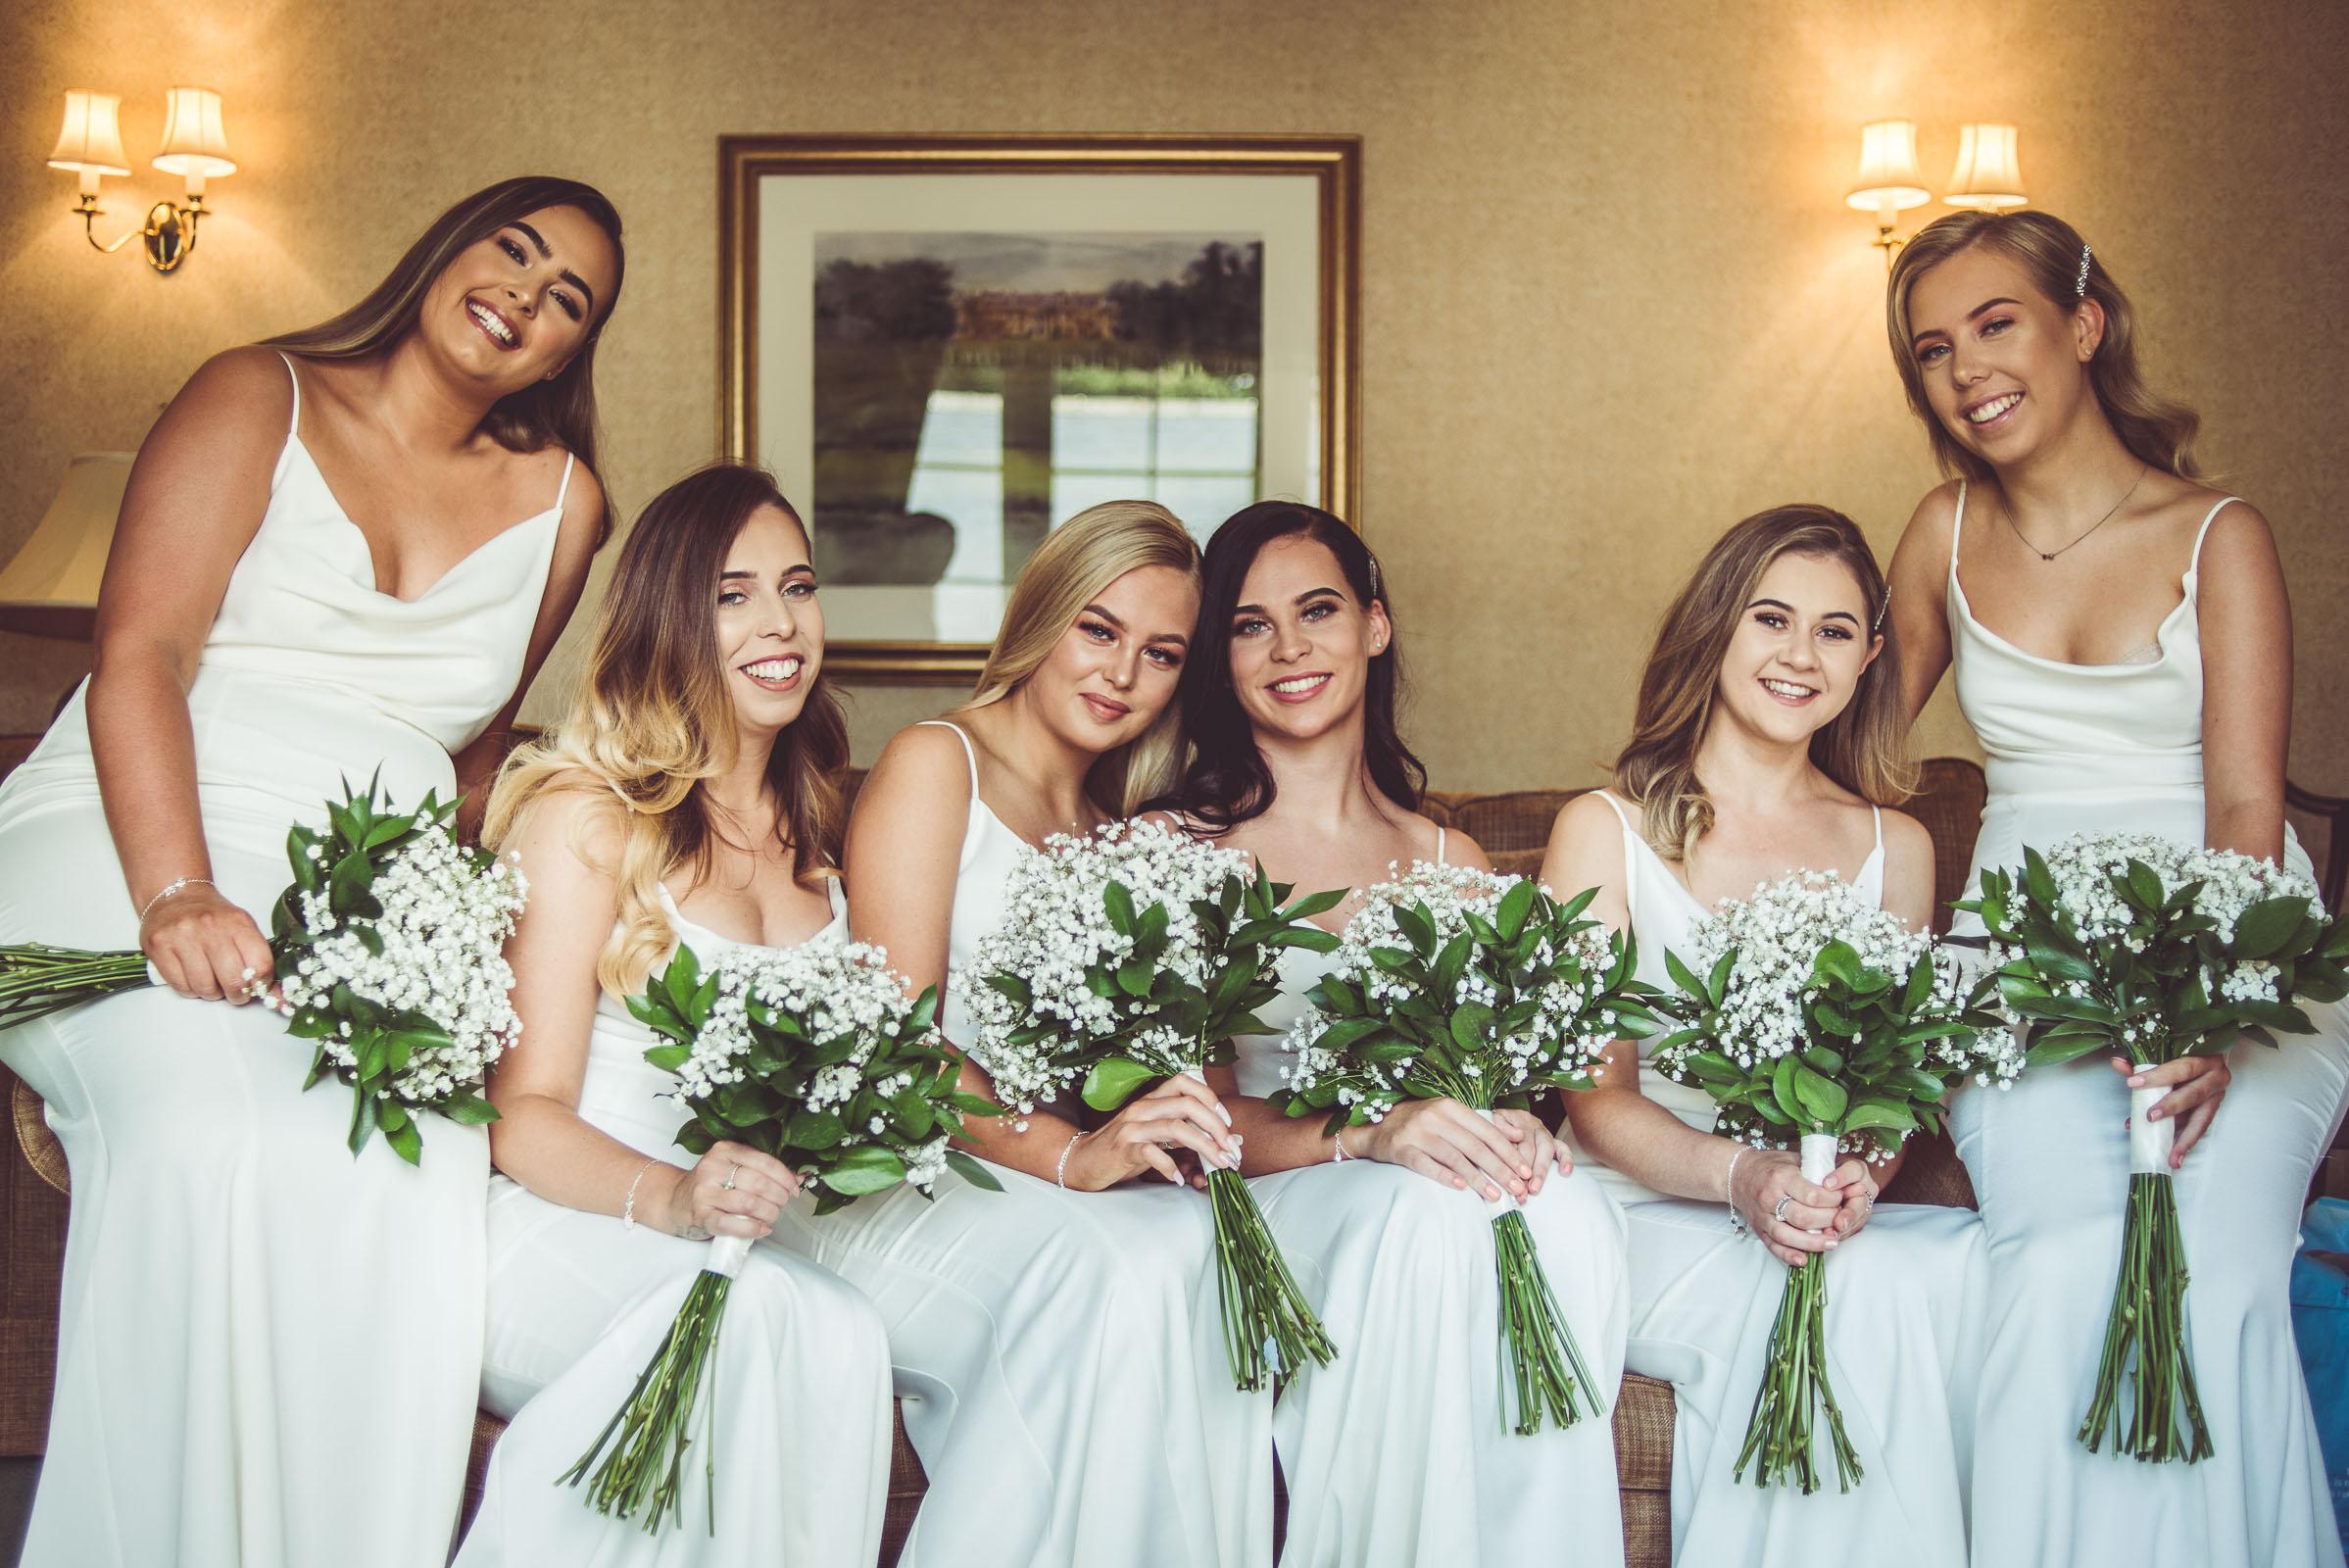 Lutonhoo-wedding-Bedfordshire-Datchworth-Tewinburyfarm-12.jpg